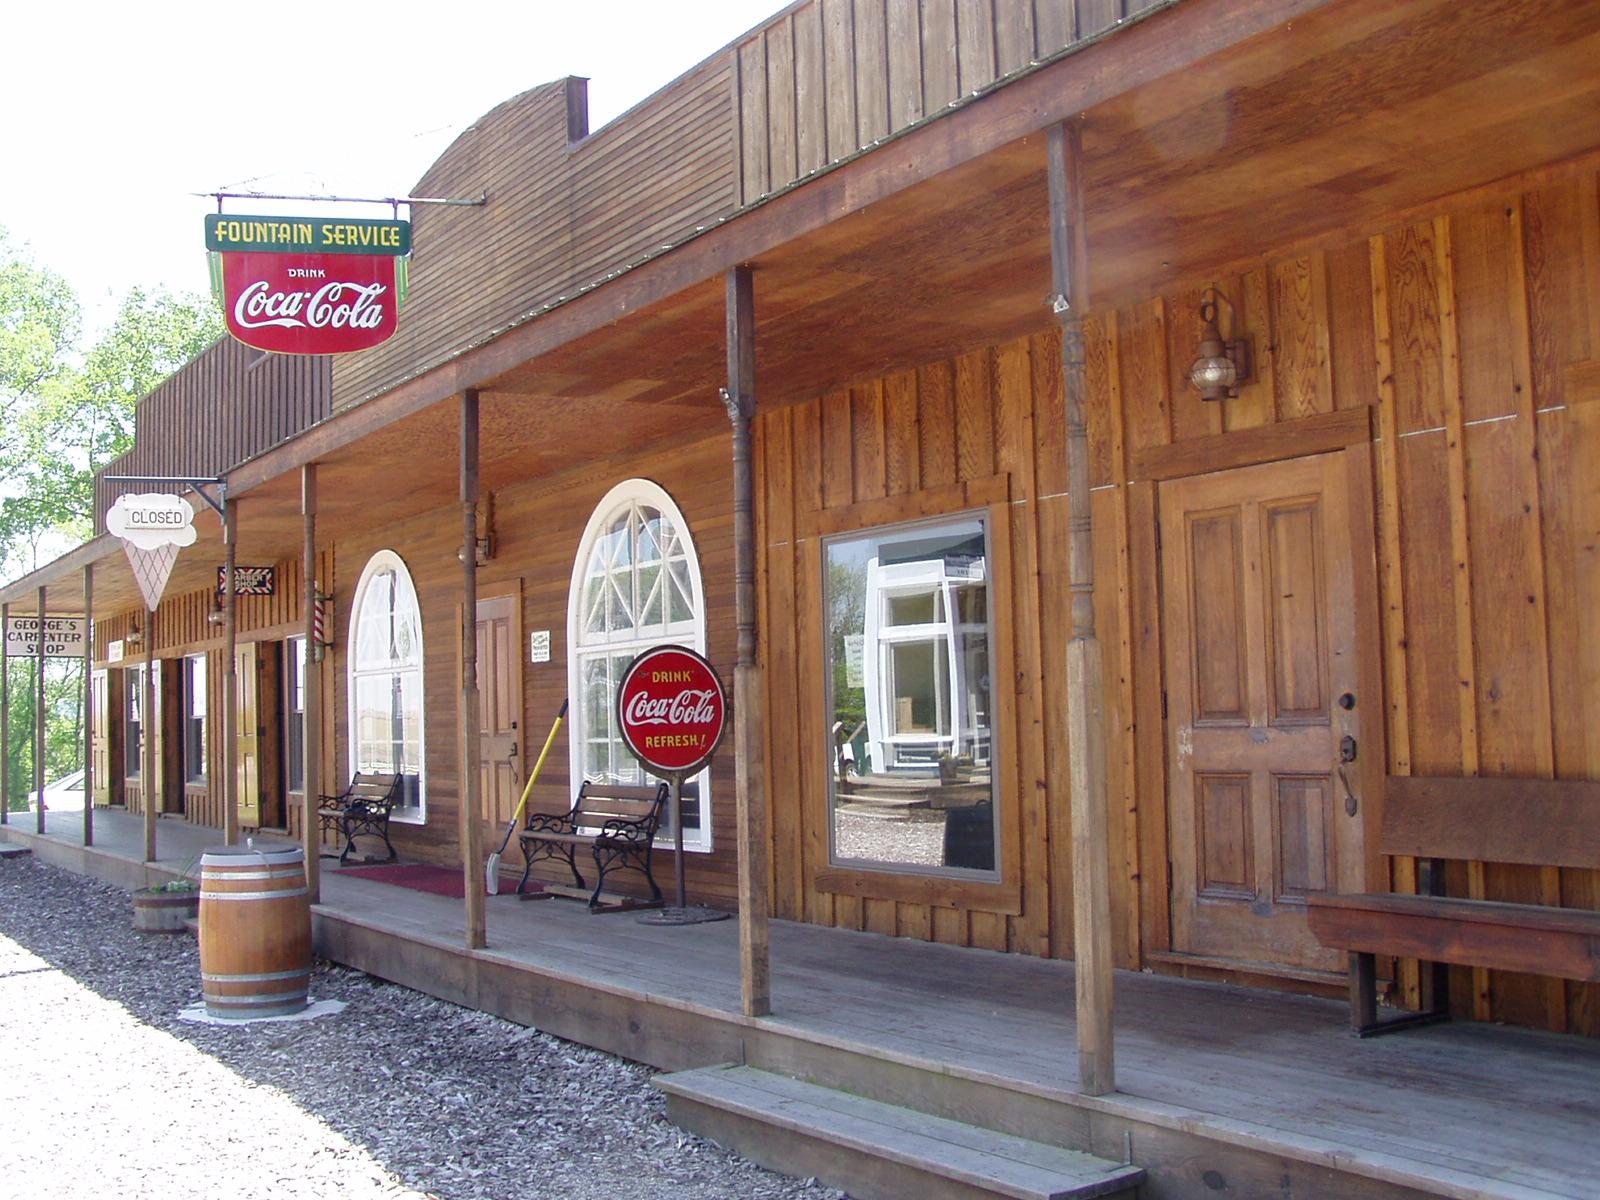 Soda Fountain Shop Scott County Iowa : P5200136 from www.scottcountyiowa.com size 1600 x 1200 jpeg 615kB